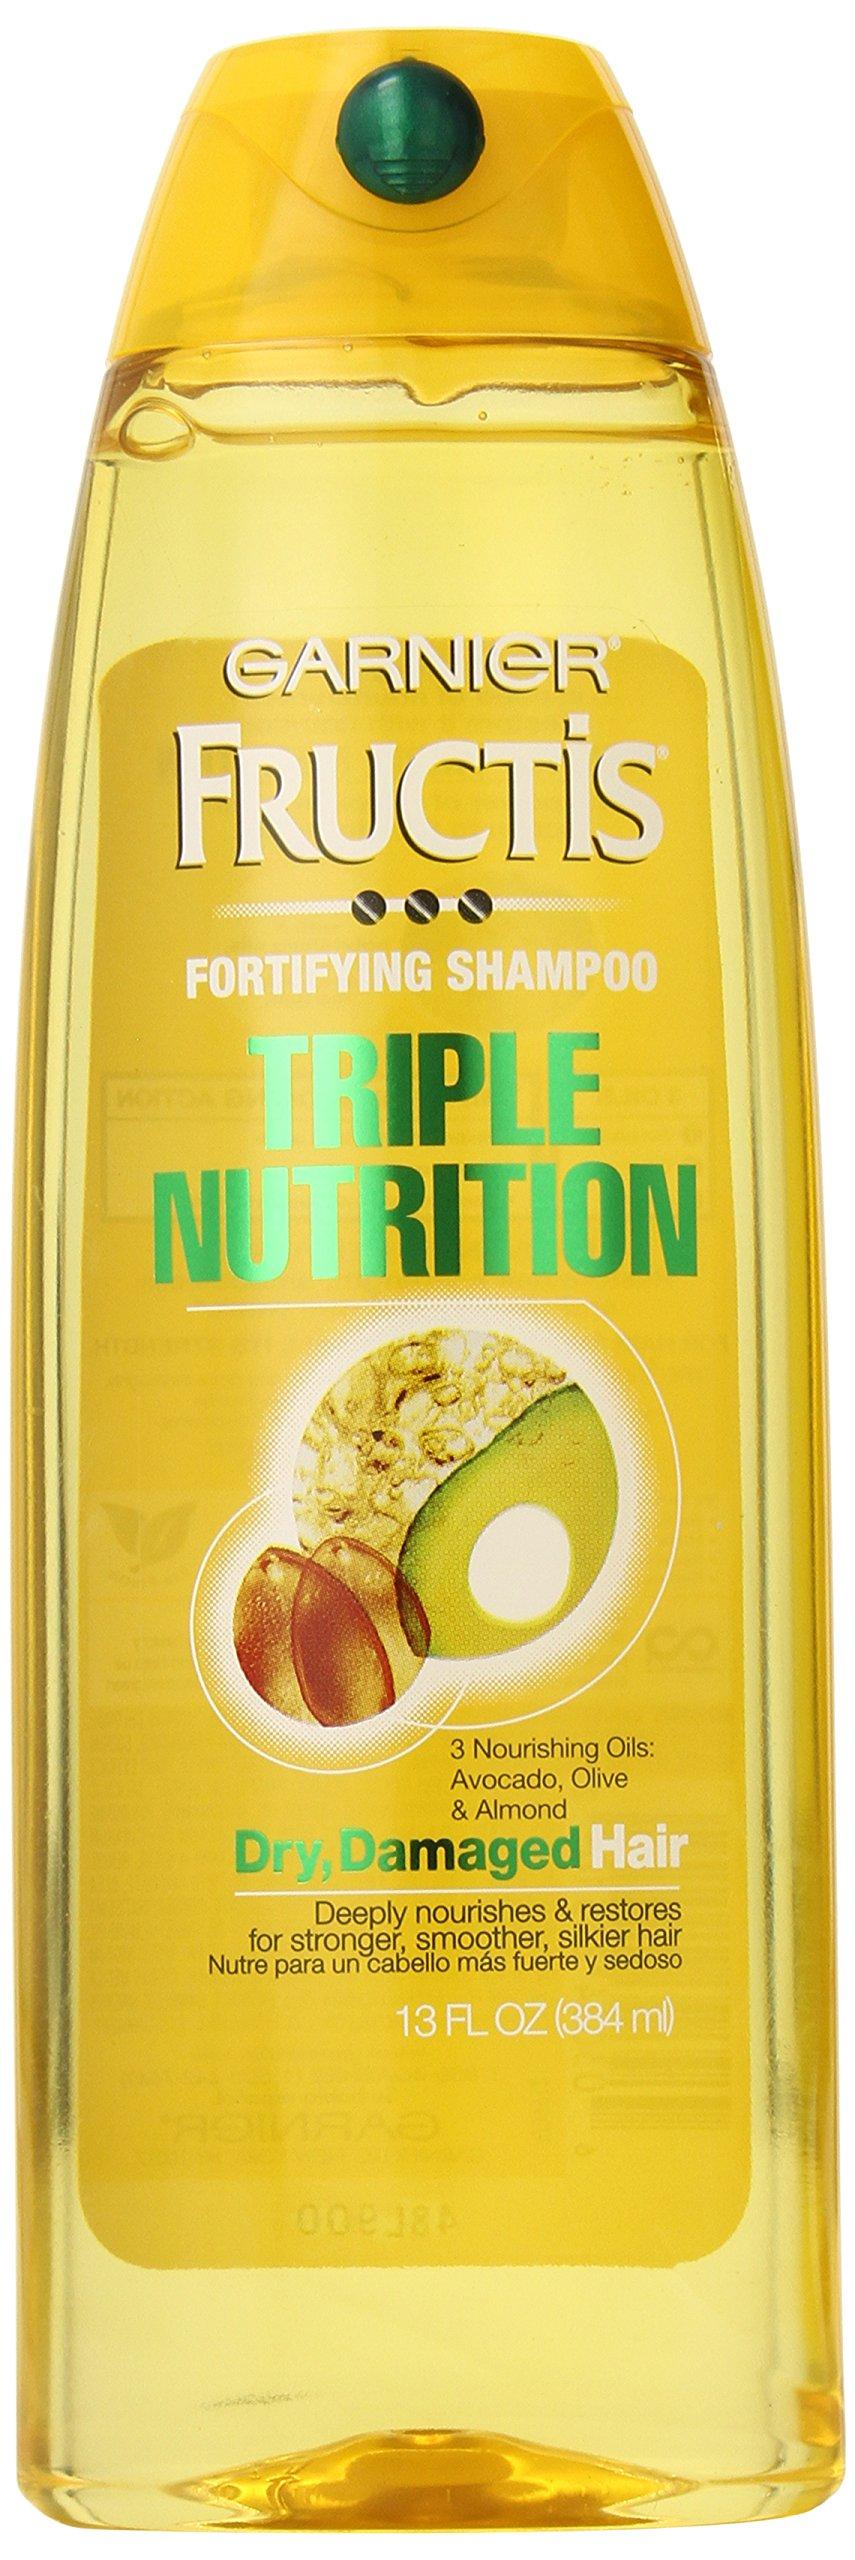 Garnier Fructis Triple Nutrition Shampoo, 13-Fluid Ounce